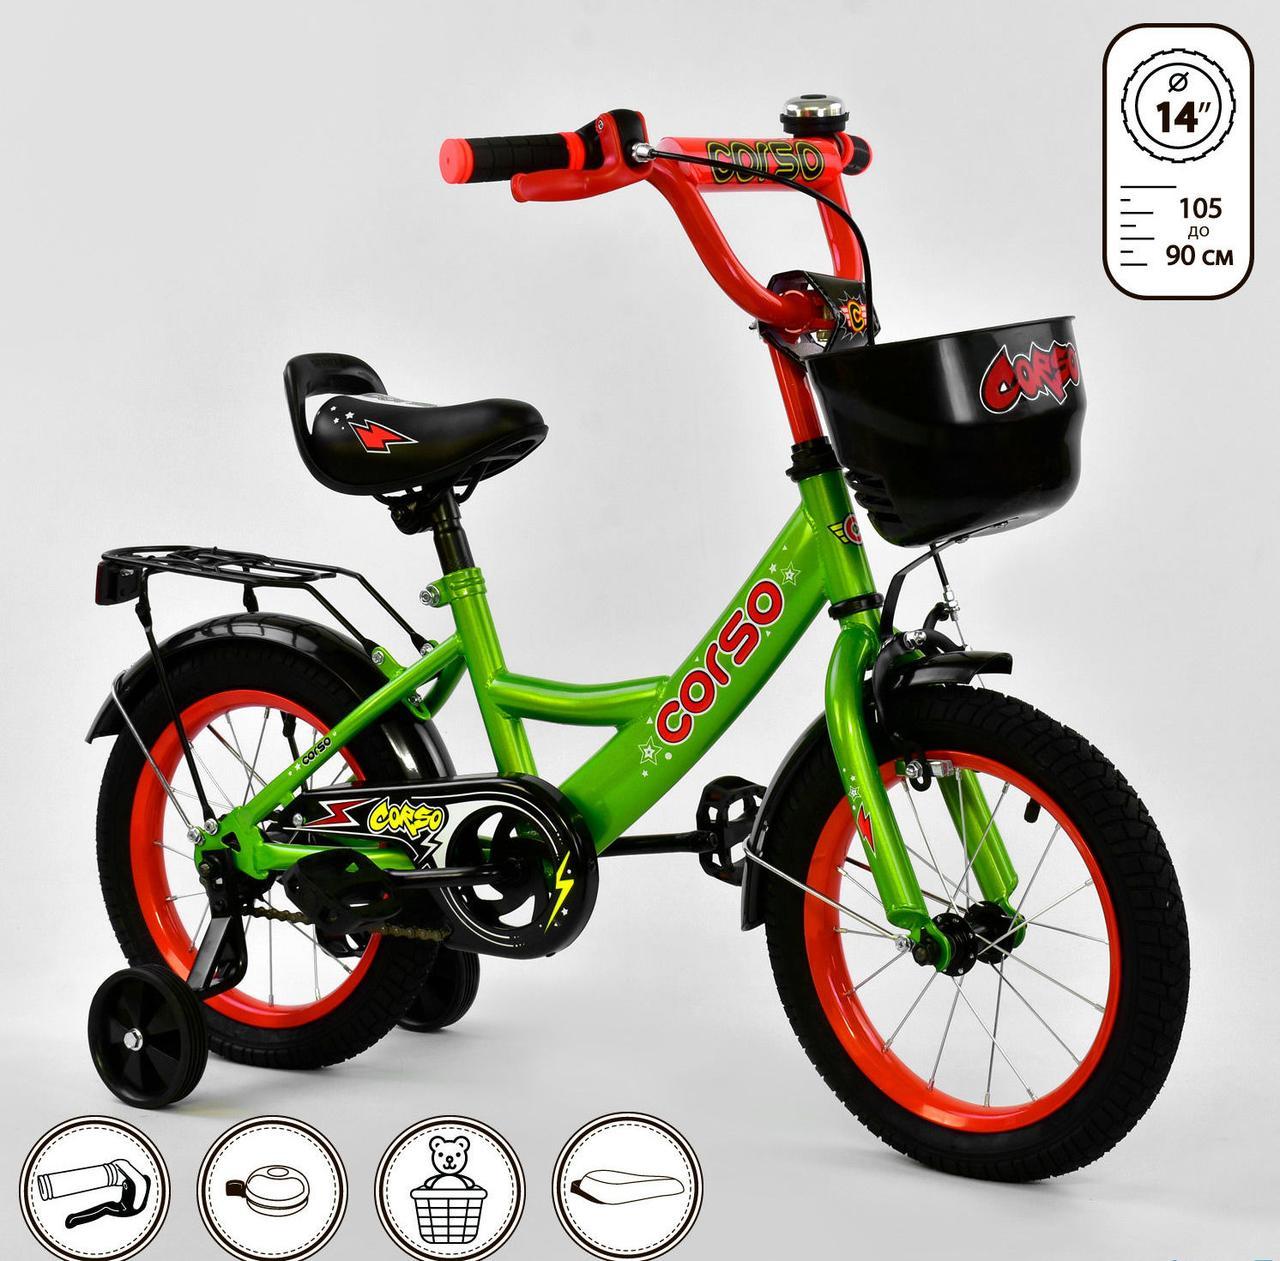 """Бесплатная доставка! Велосипед 14"""" дюймов 2-х колёсный """"CORSO"""", ручной тормоз, звоночек, доп. колеса"""